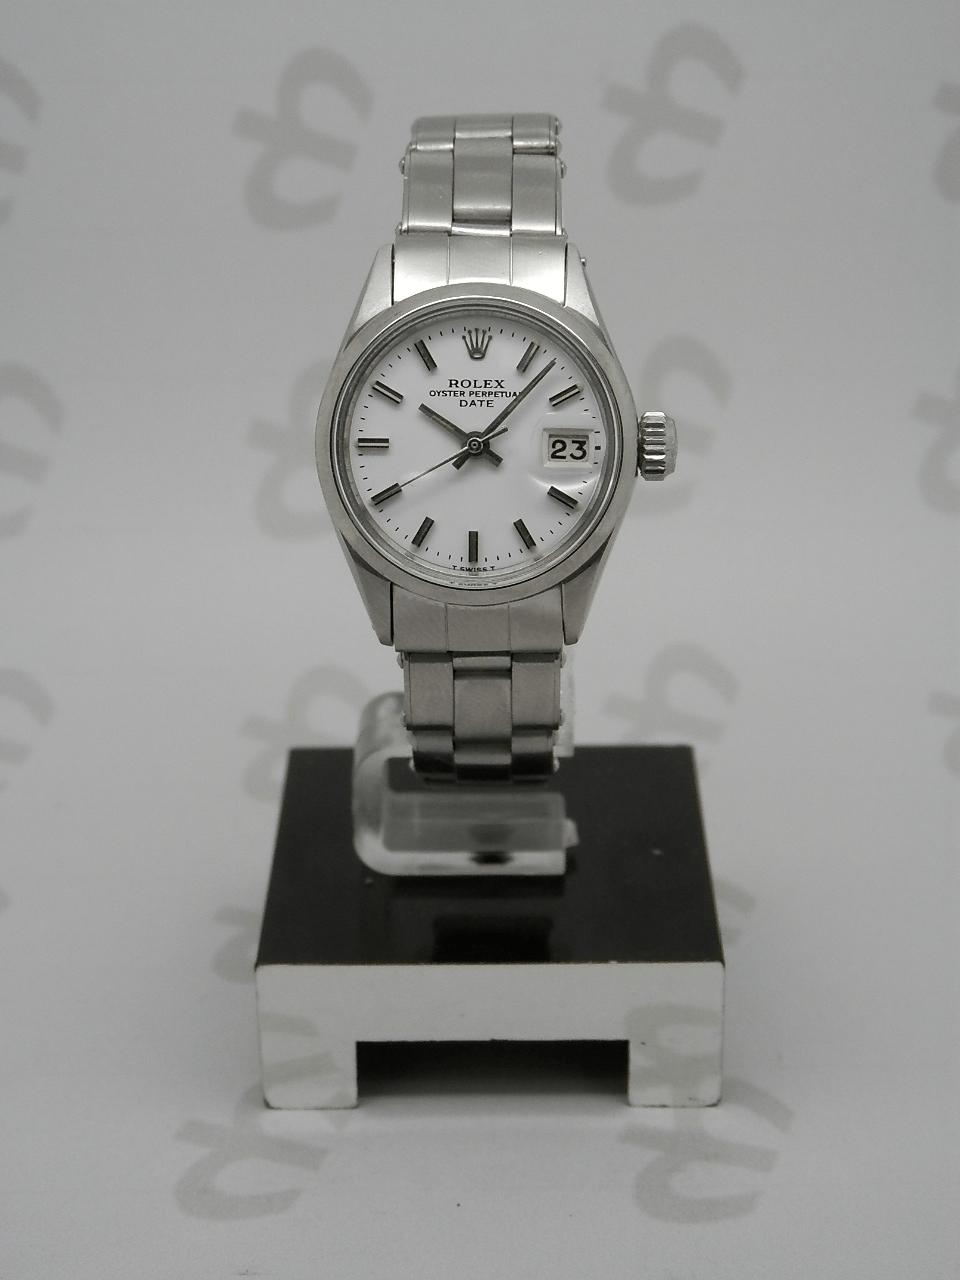 Rolex Date Lady Vintage Acero Automático